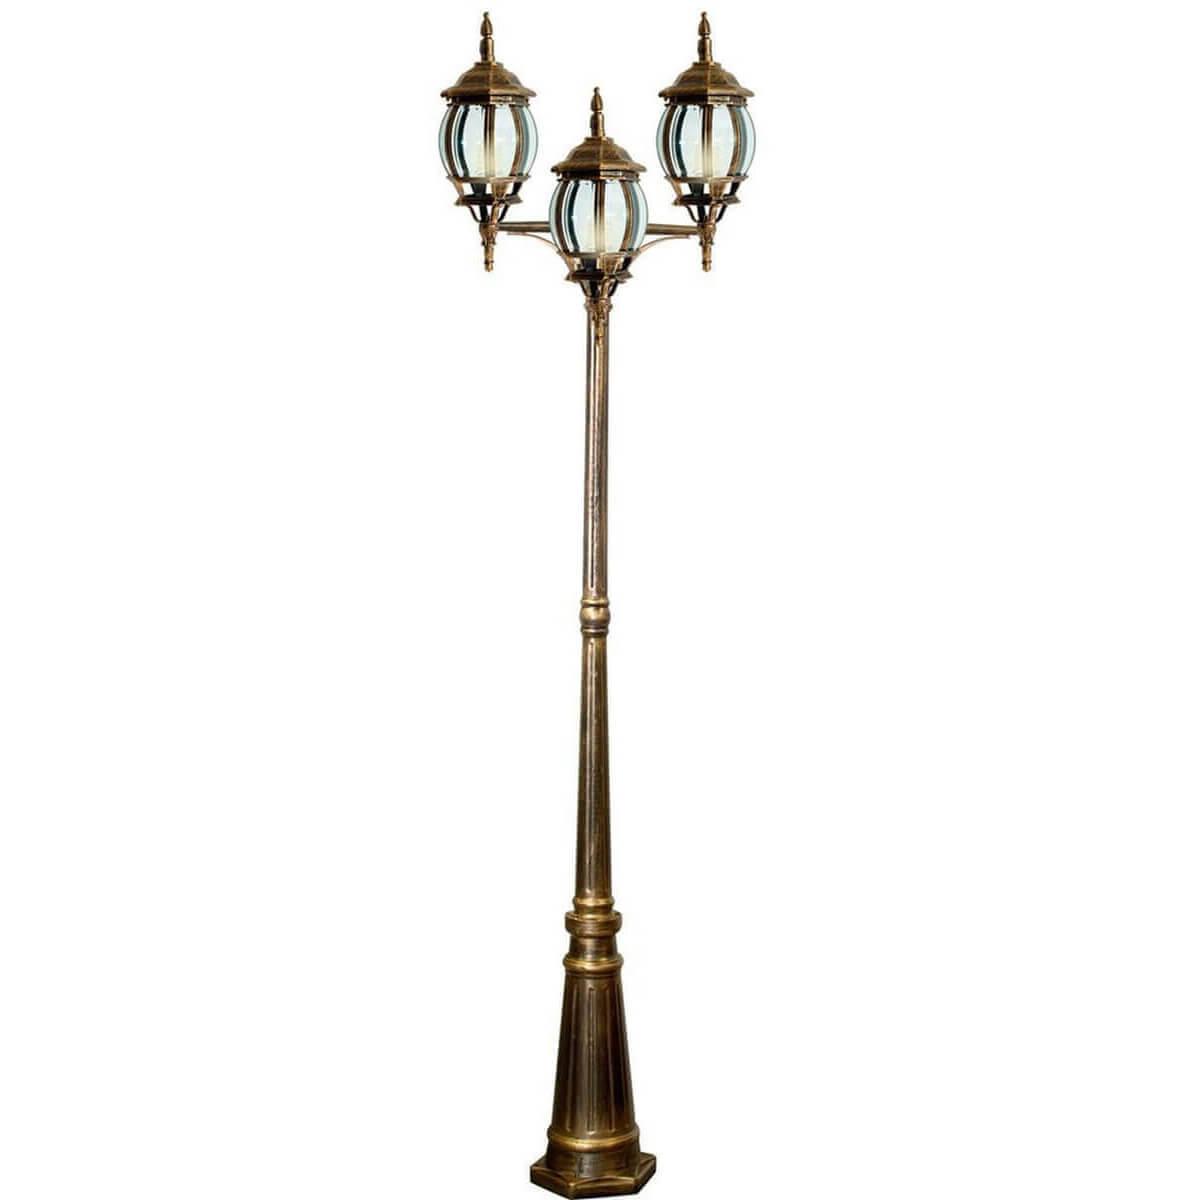 цена Садово-парковый светильник Feron 8115 11243 онлайн в 2017 году